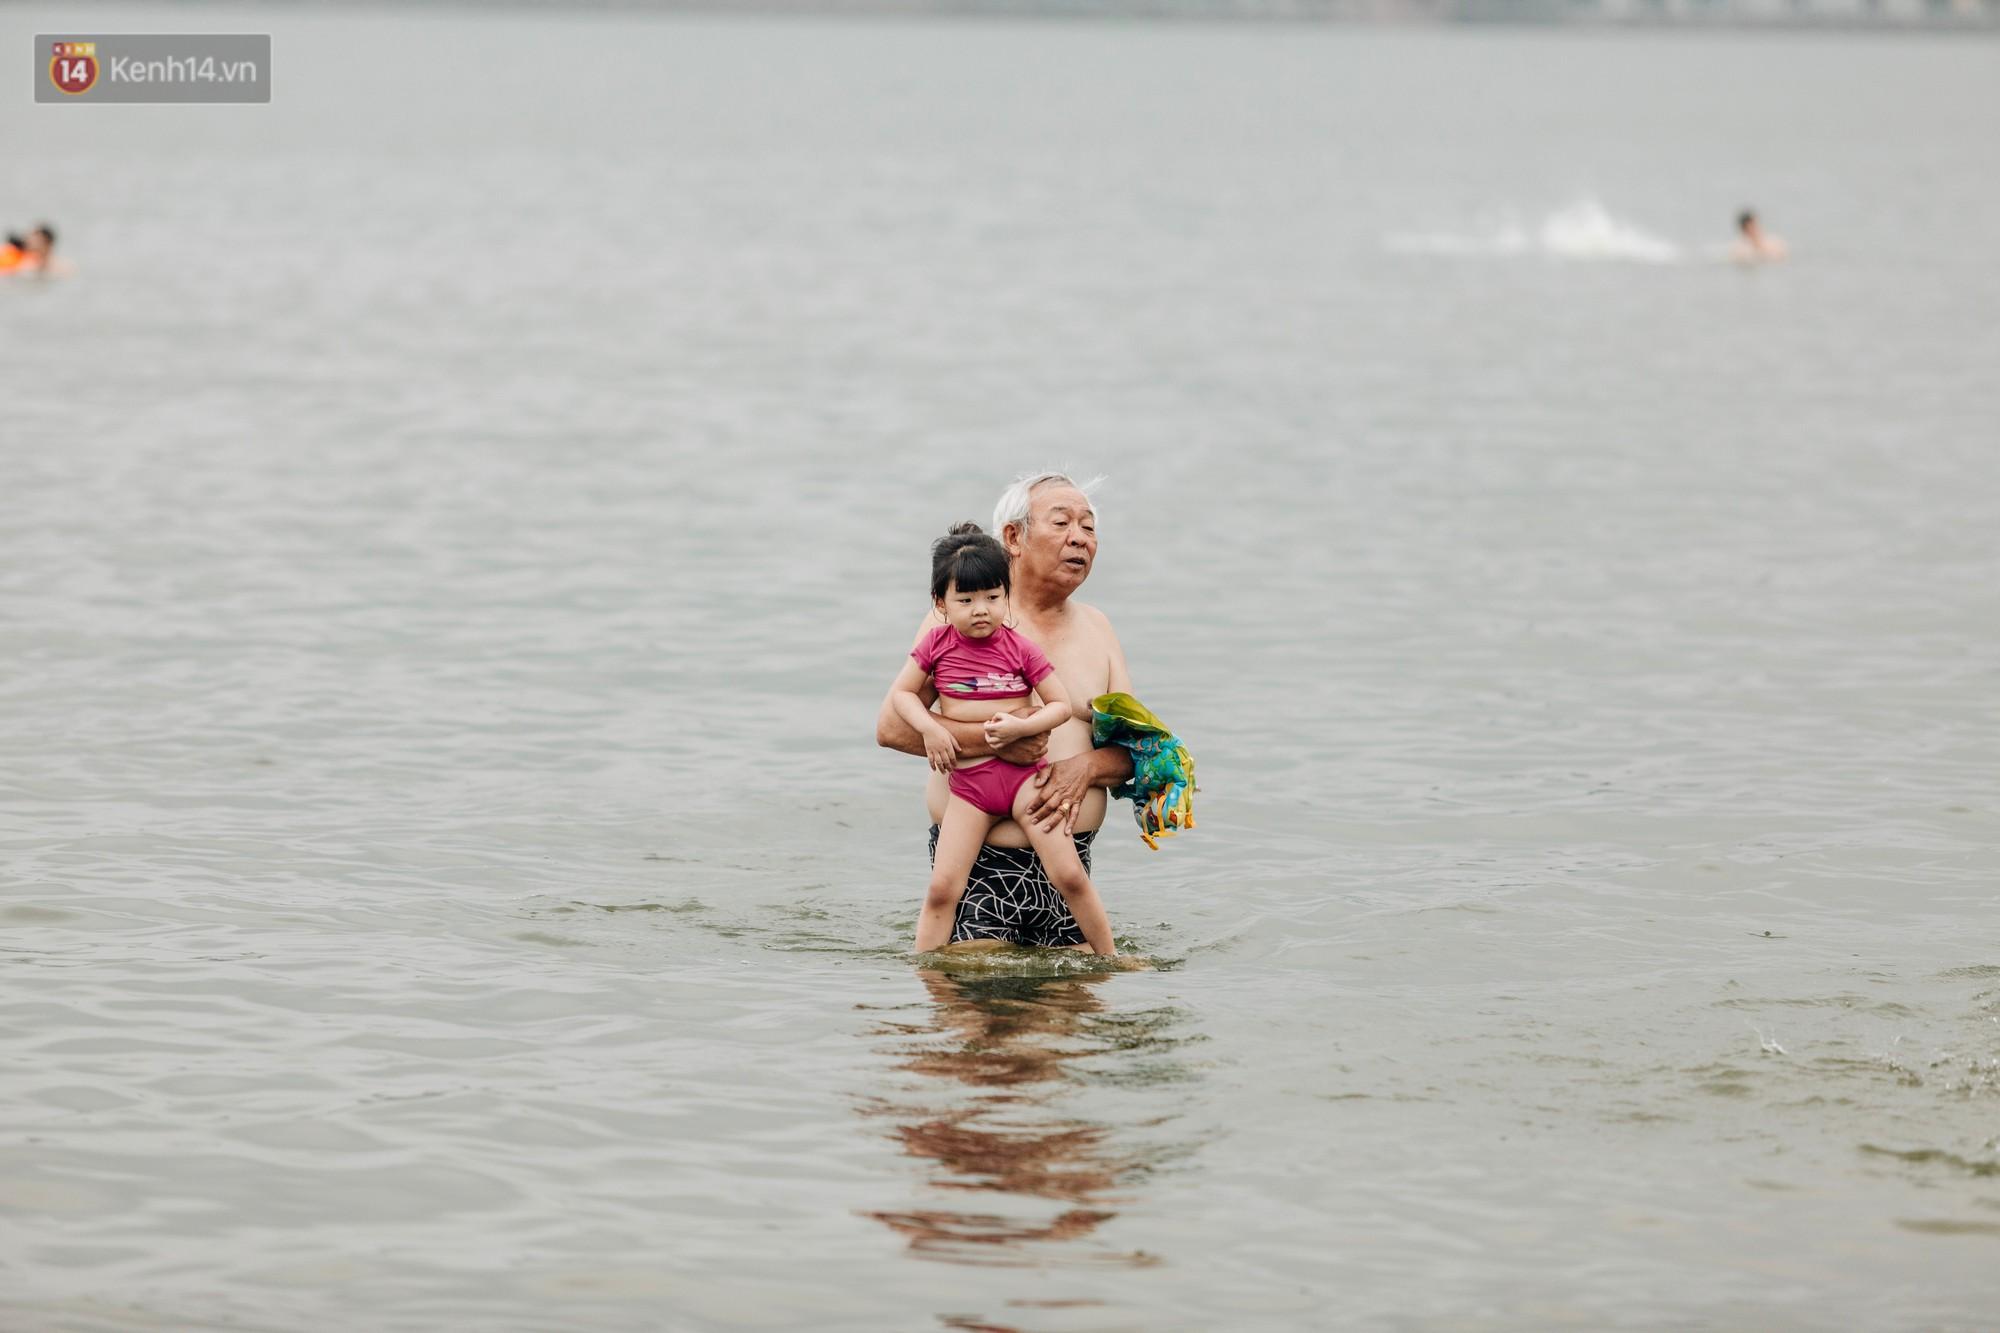 Hà Nội oi nóng ngộp thở, nhiều người mang theo cả thú cưng ra Hồ Tây tắm bất chấp biển cấm - Ảnh 5.